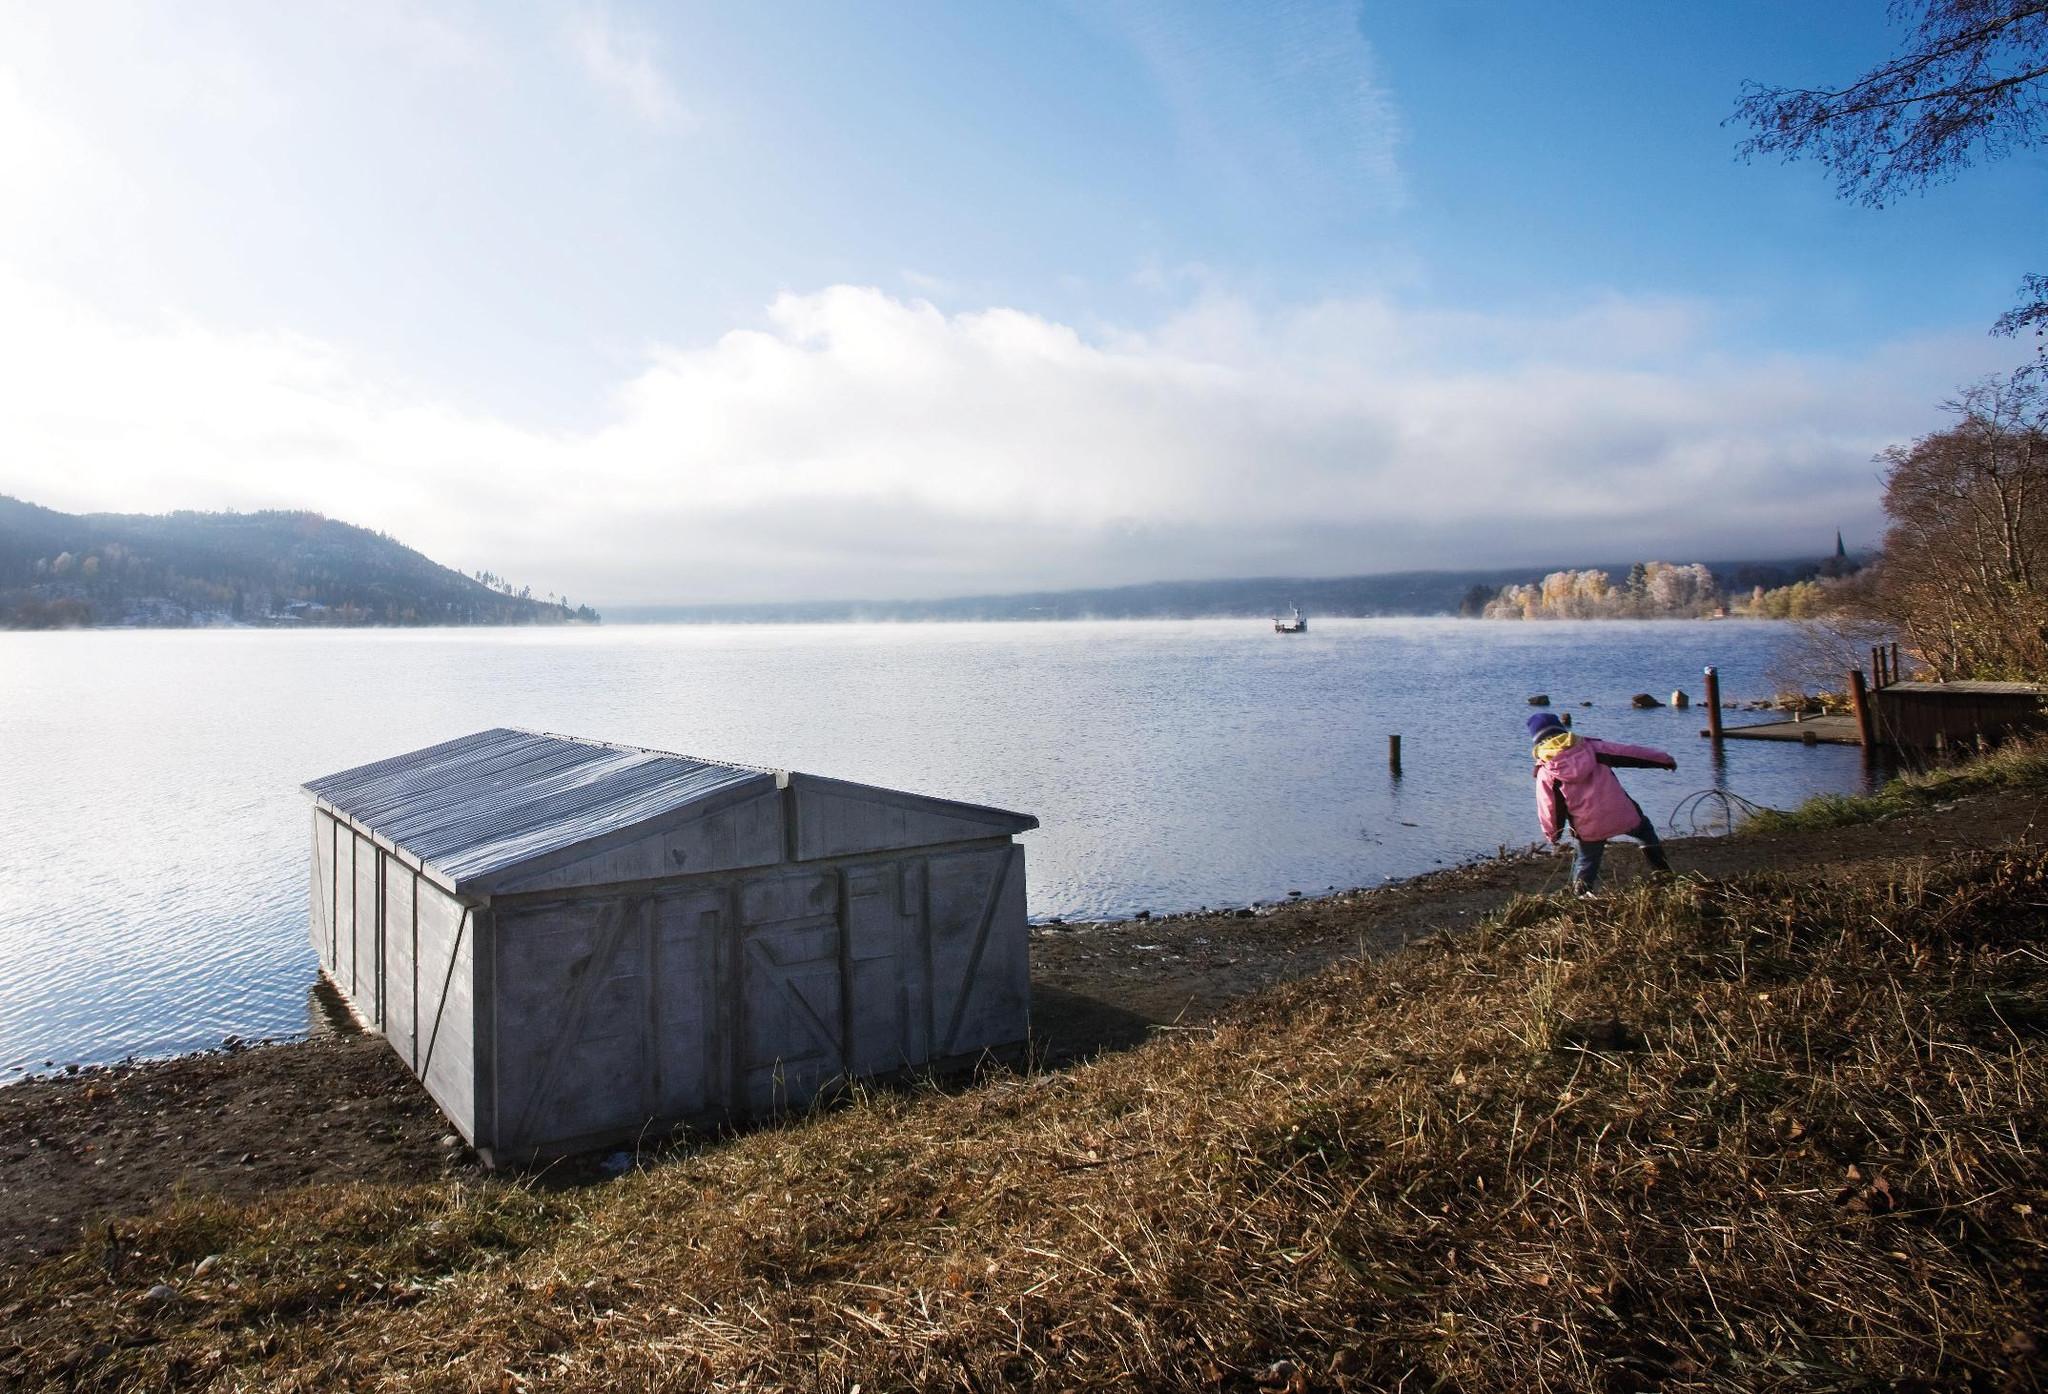 Foto: Sverre Chr. Jarild